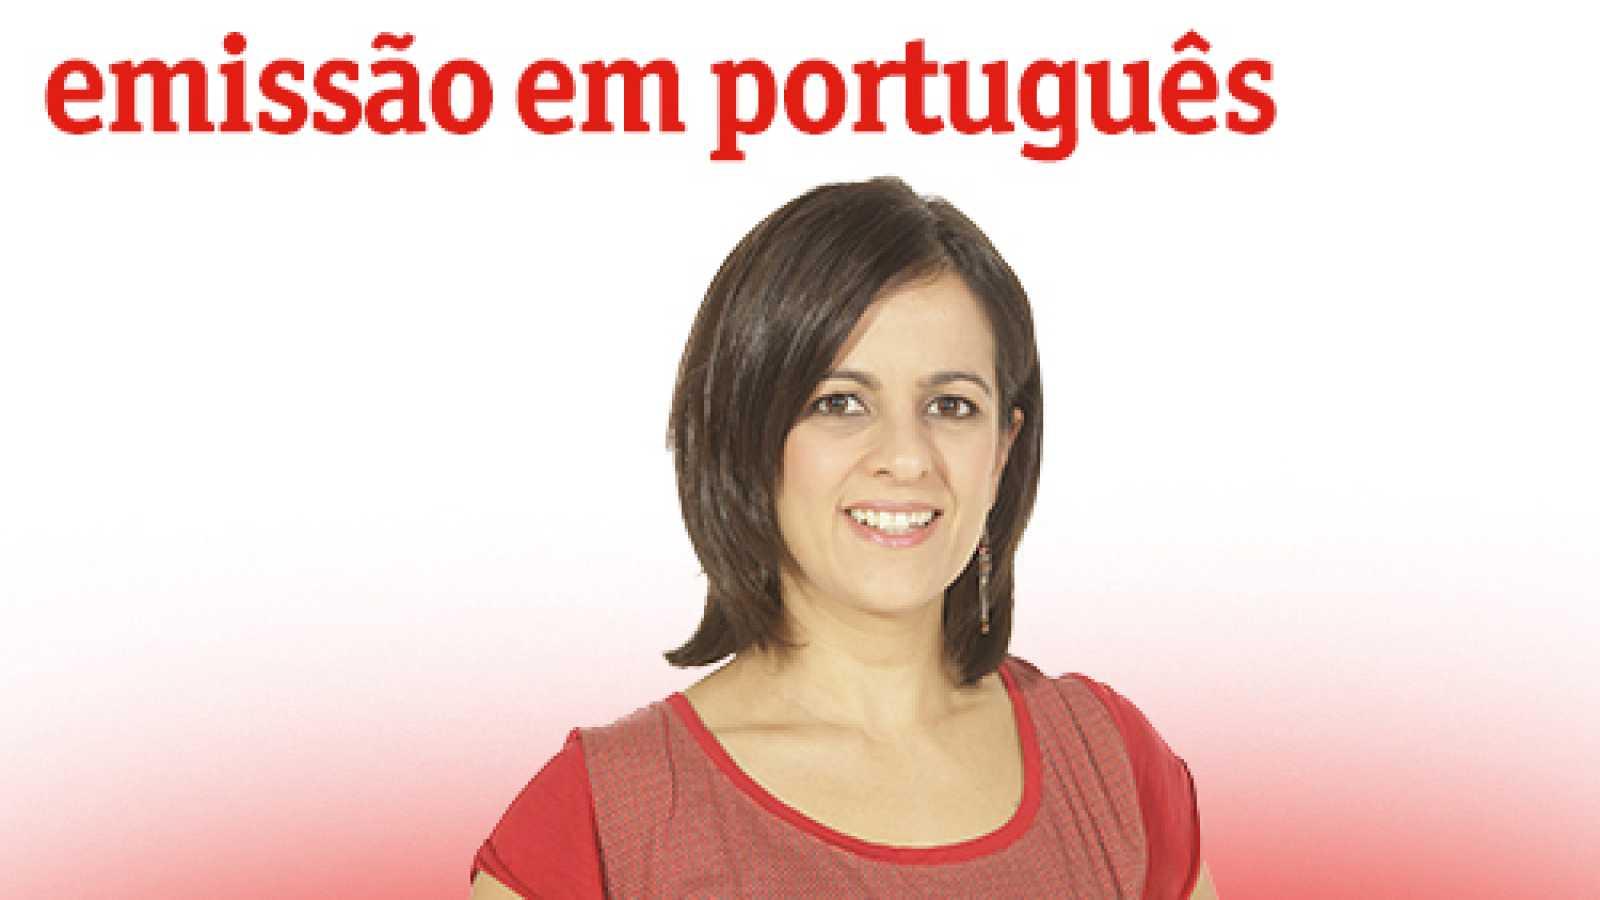 Emissão em português - Psicanalista brasileira conta é trabalhar com imigrantes na Espanha - 16/11/20 - escuchar ahora